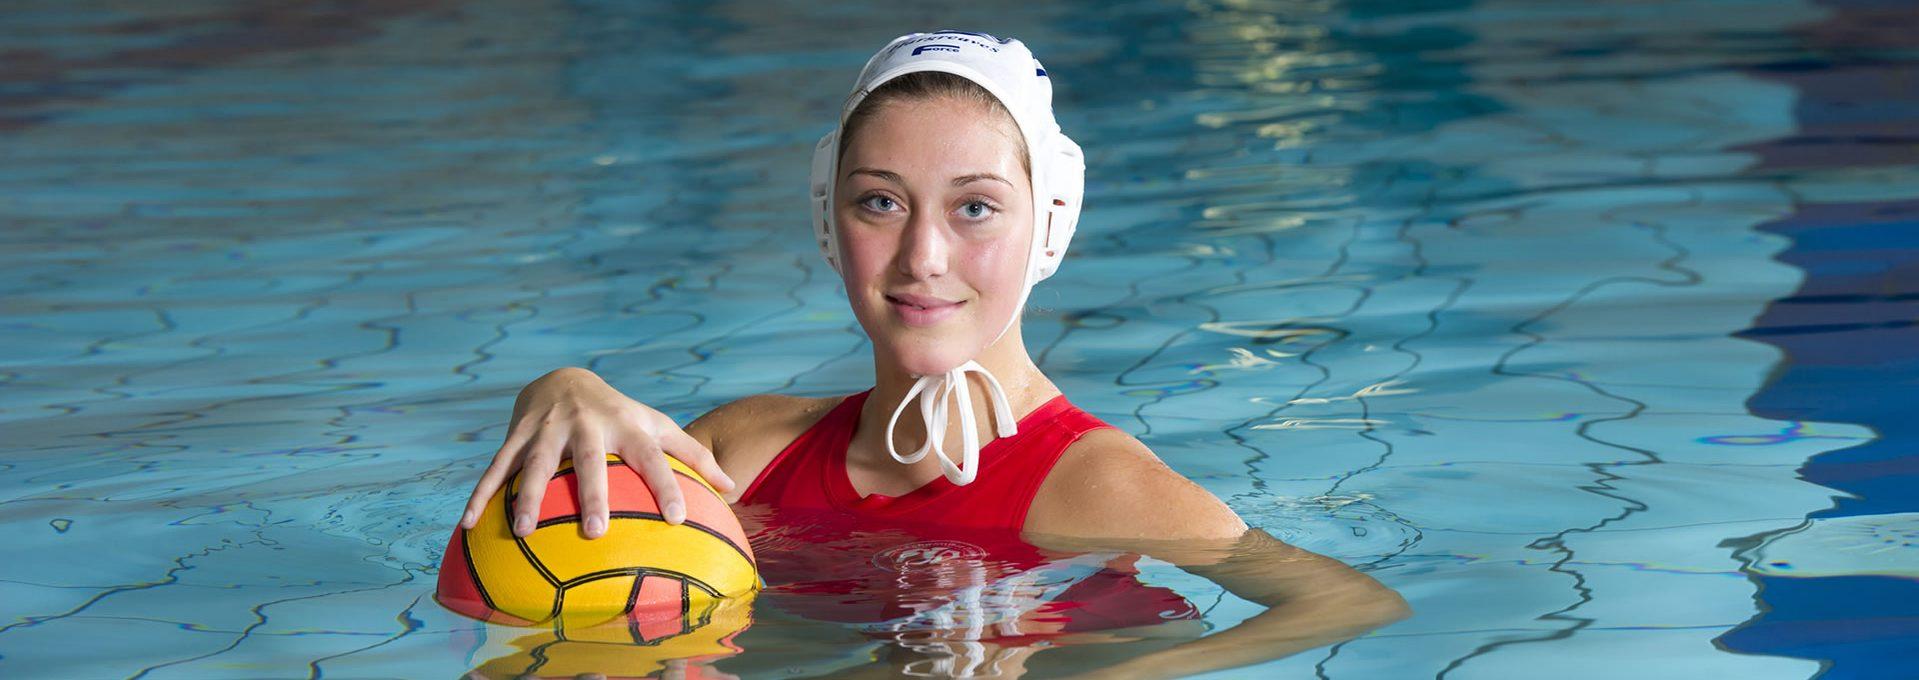 Footerbild Sporträume & Umwelt: Schwimmerin im Hallenbad